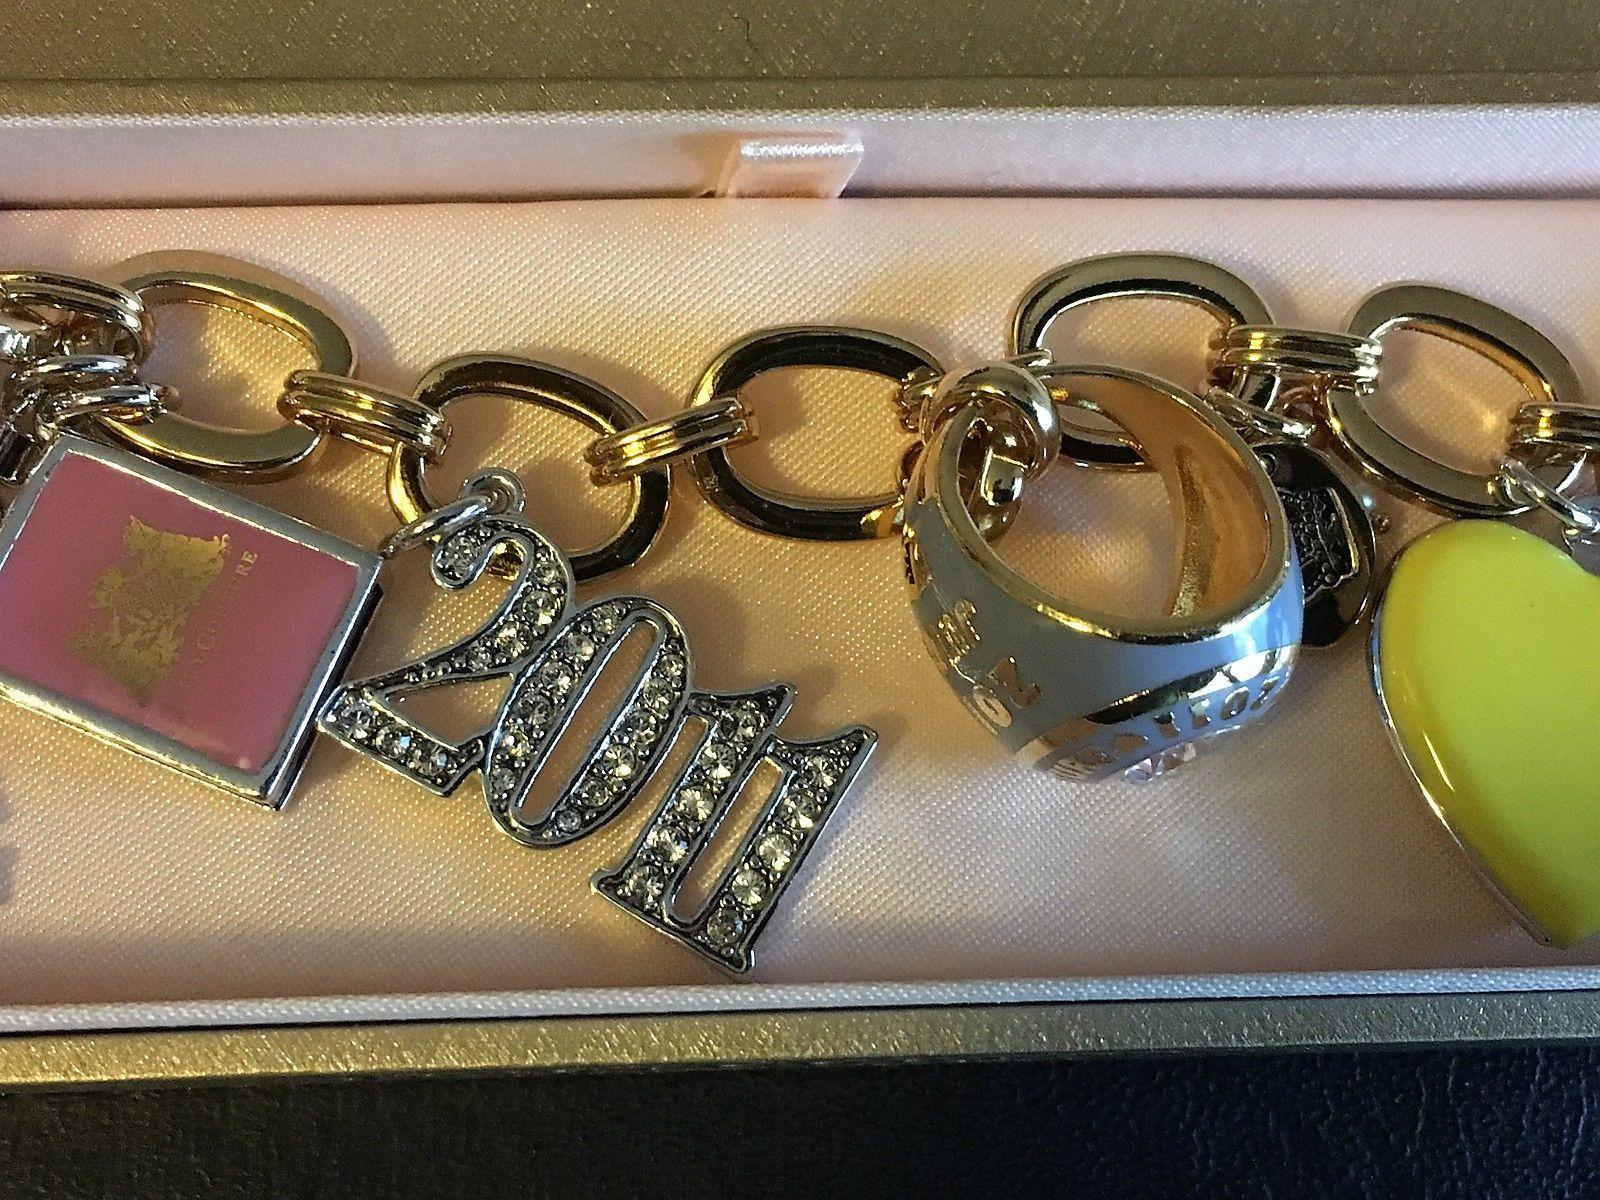 Juicy Couture Limited Edition Goldtone Enamel 2011 Graduation Charm Bracelet